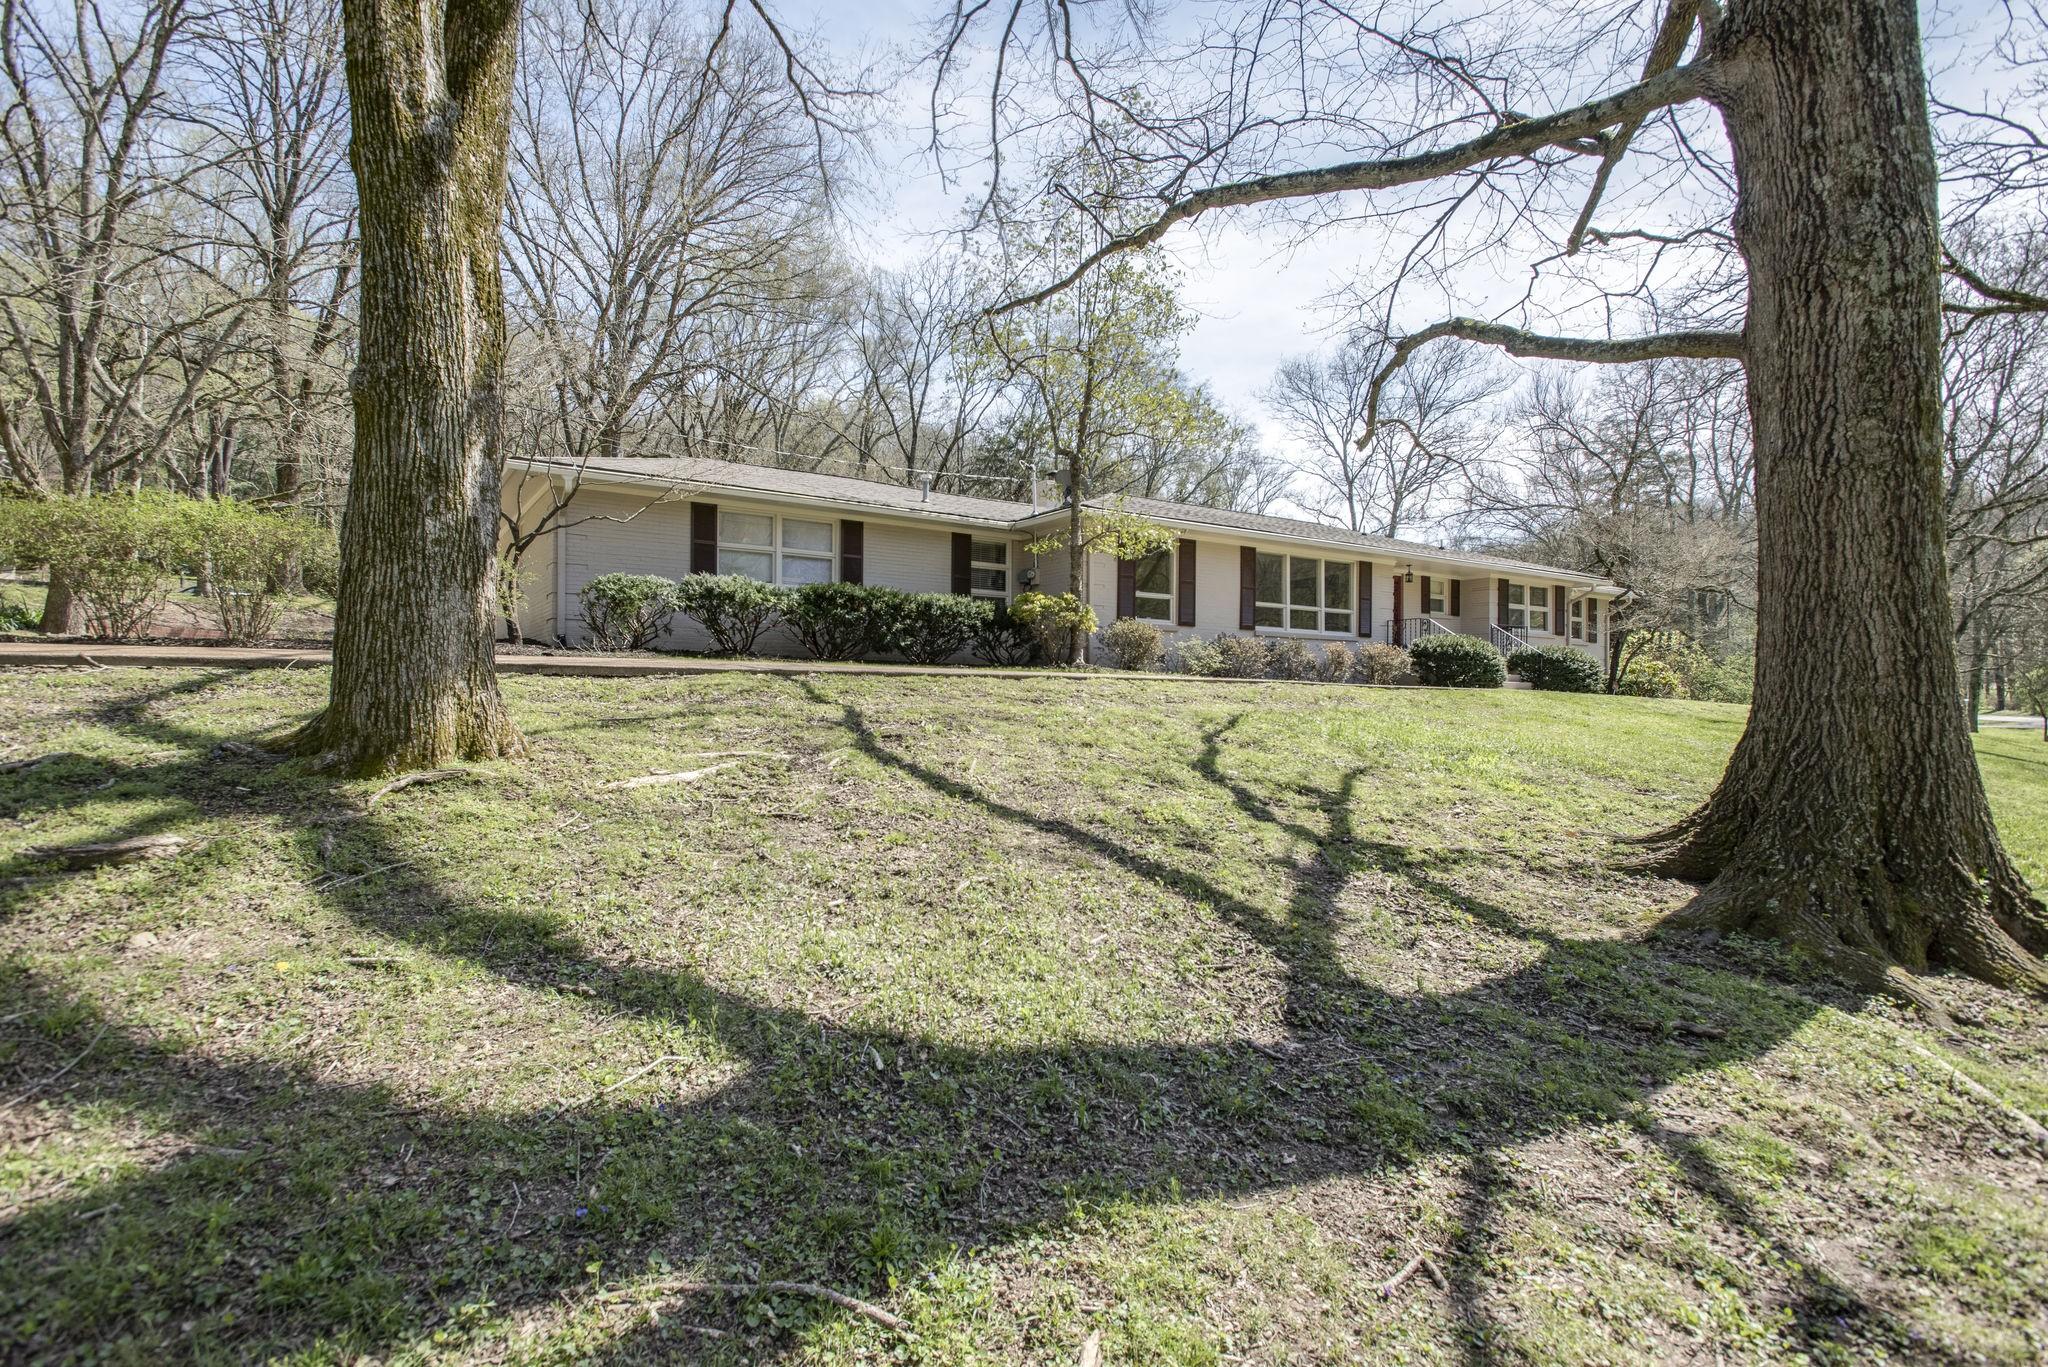 1812 Kingsbury Dr, Nashville, TN 37215 - Nashville, TN real estate listing